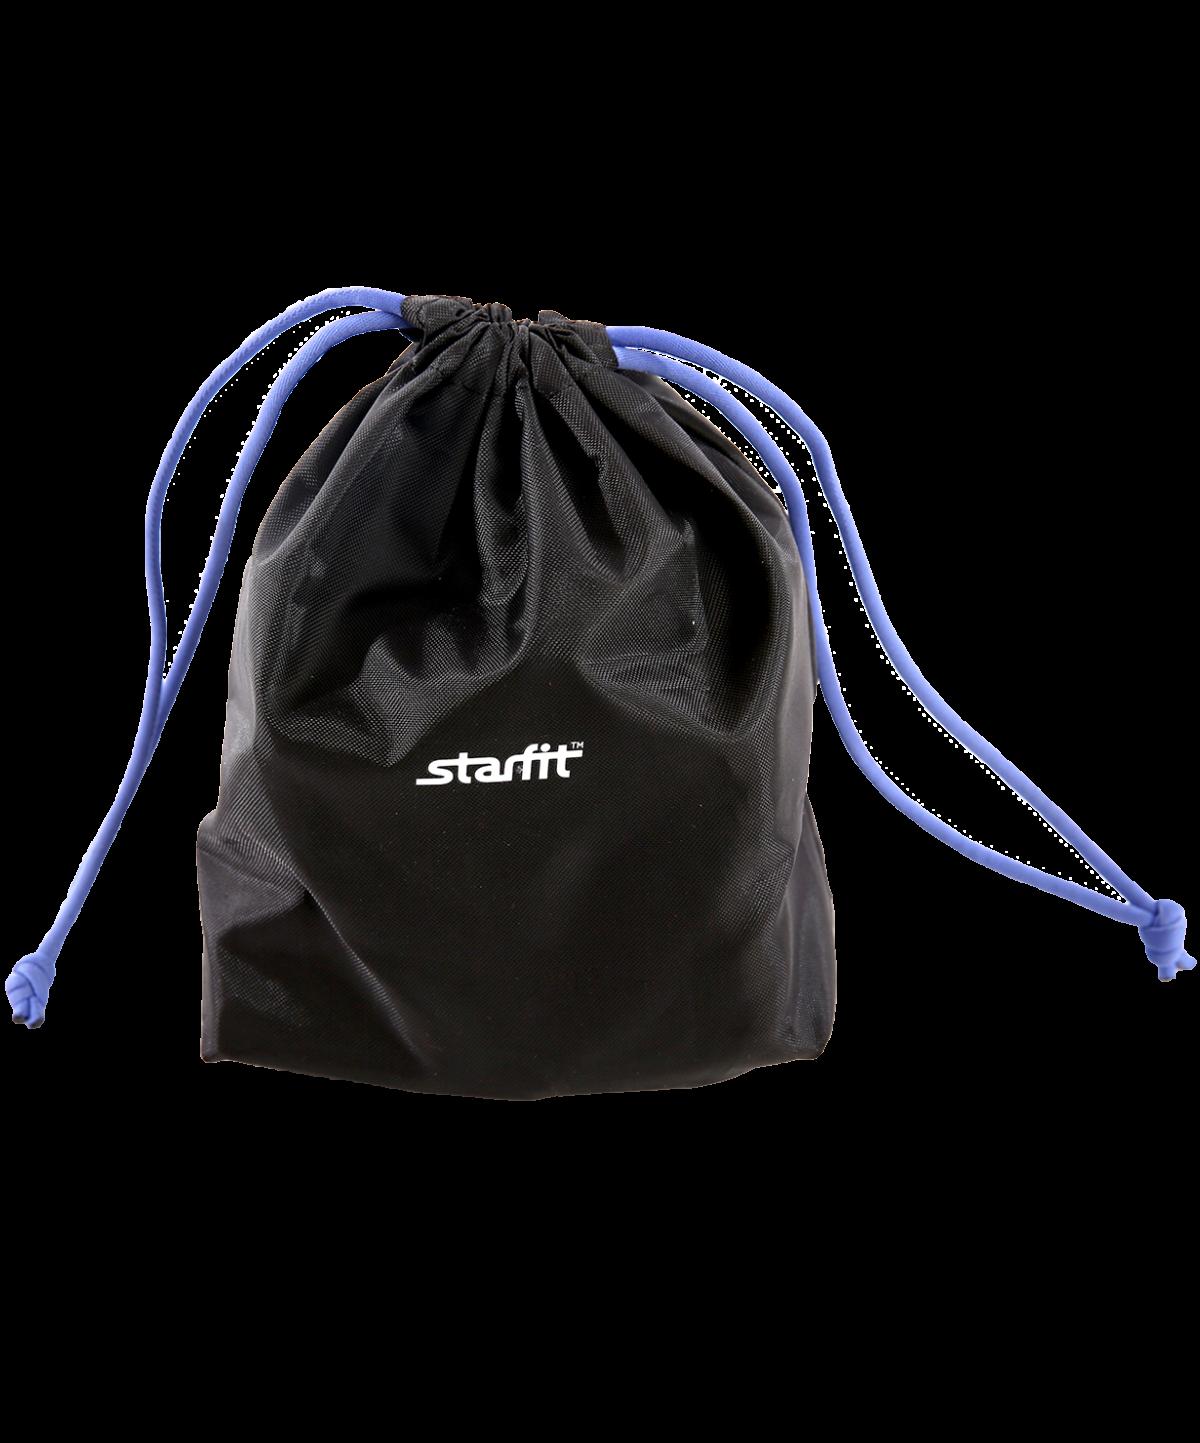 STARFIT Утяжелители 1,5 кг, синий WT-401 - 4